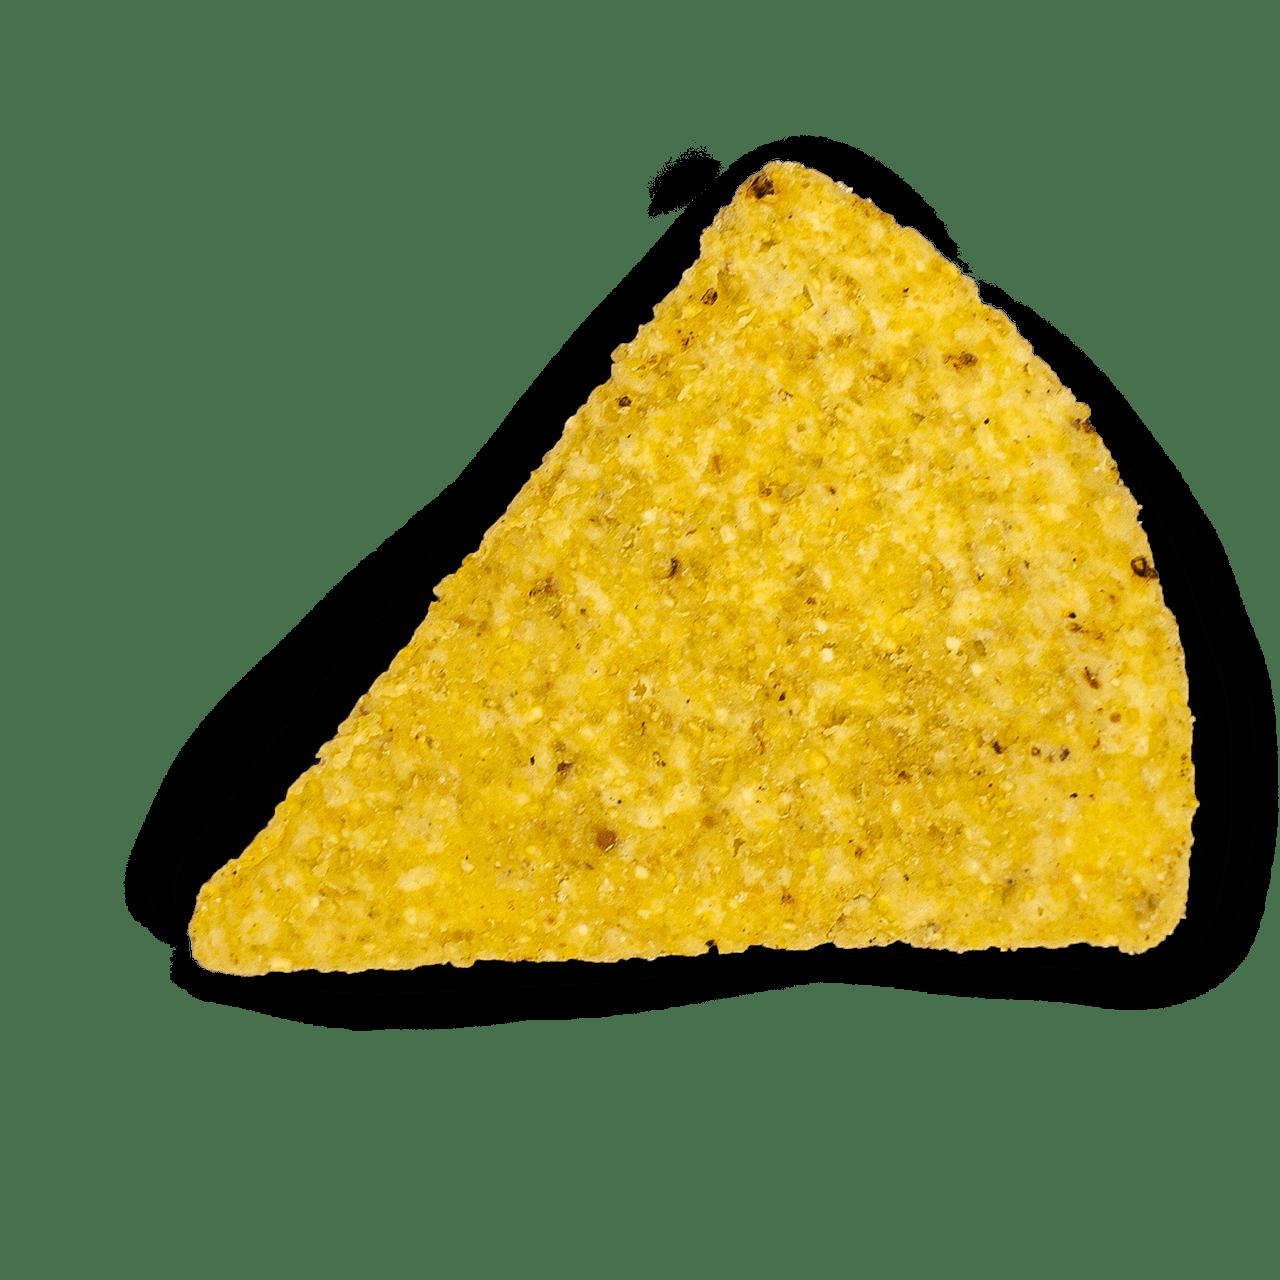 tostibanaan-sauzen-en-dips-categorie